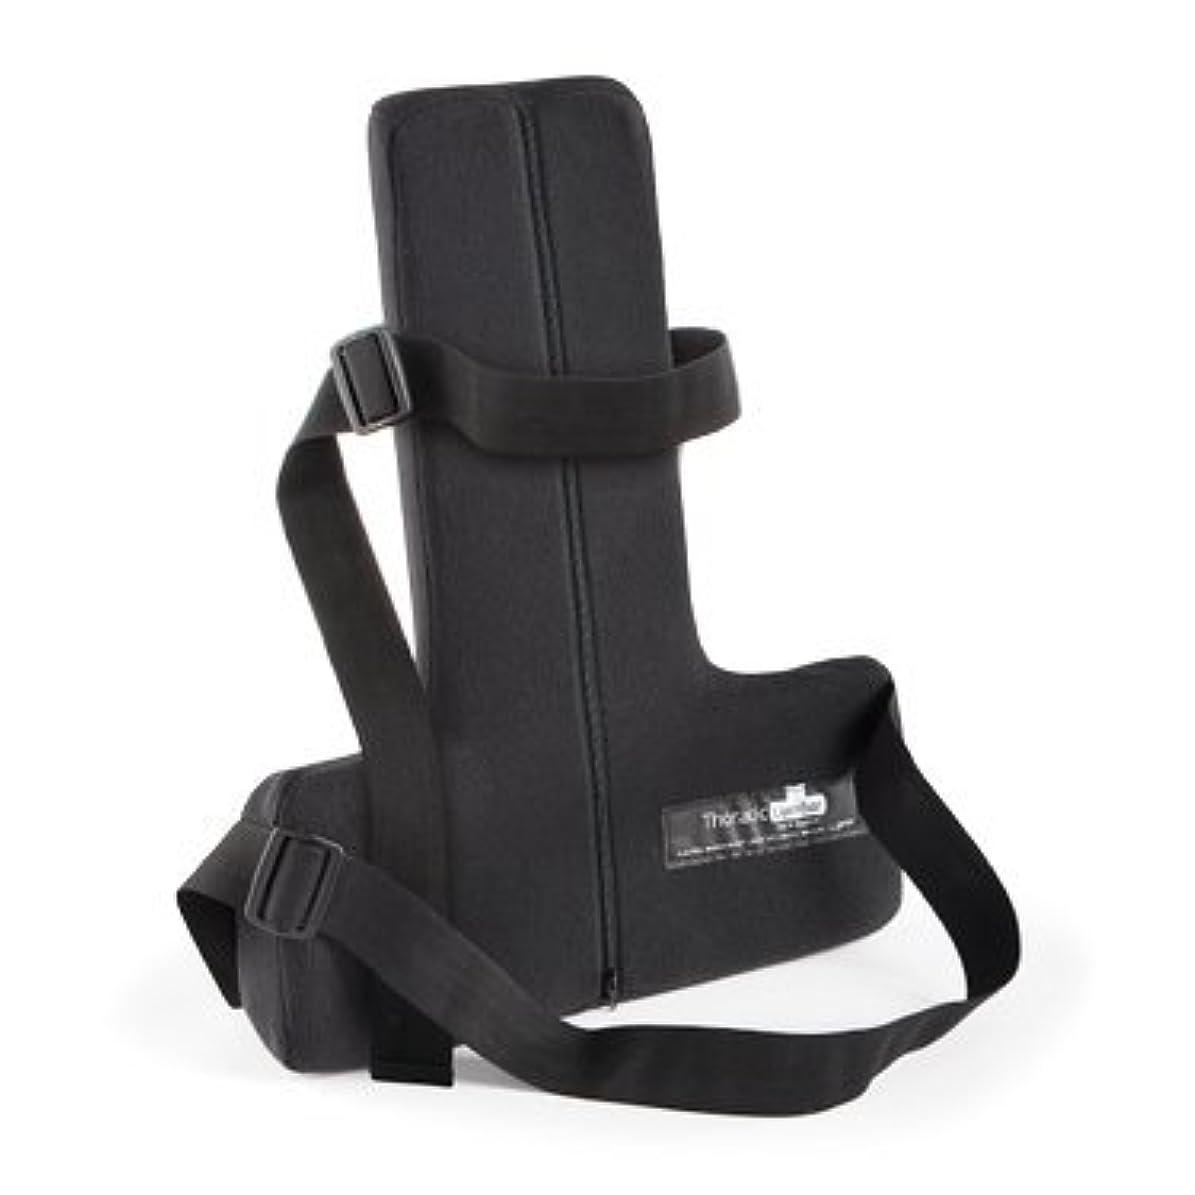 トーナメント経歴ホステルオーピーティー 自宅 車内 オフィス 椅子腰椎サポート 正しい姿勢で背中 肩 首への負担を減らすクッション